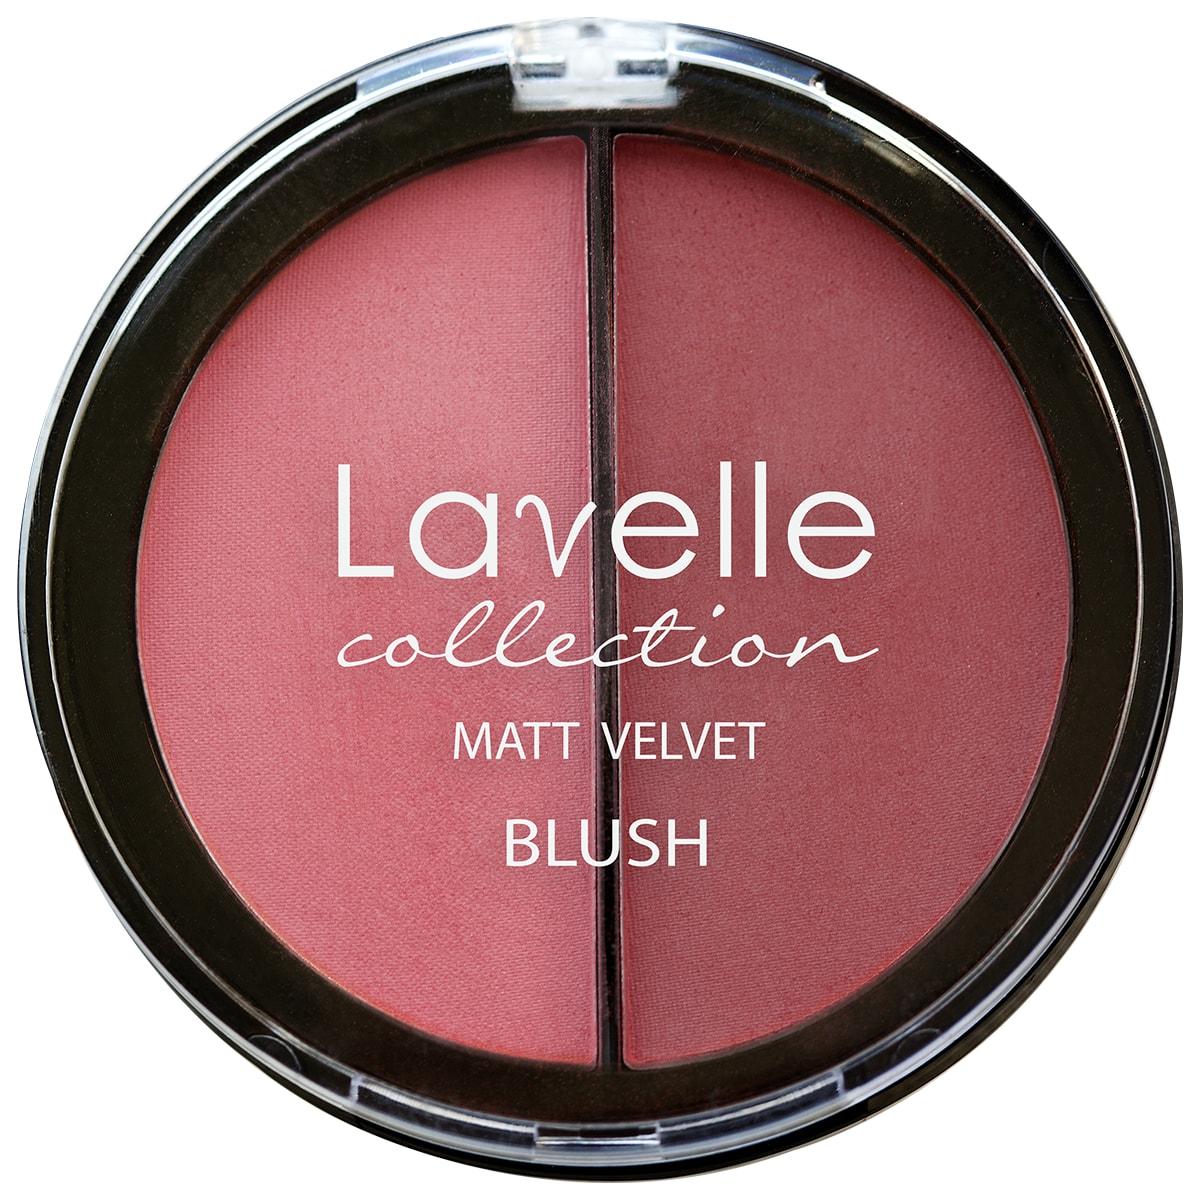 Lavelle Collection румяна для лица BL-09 2-цветные компактные тон 01 розовый 34,5г